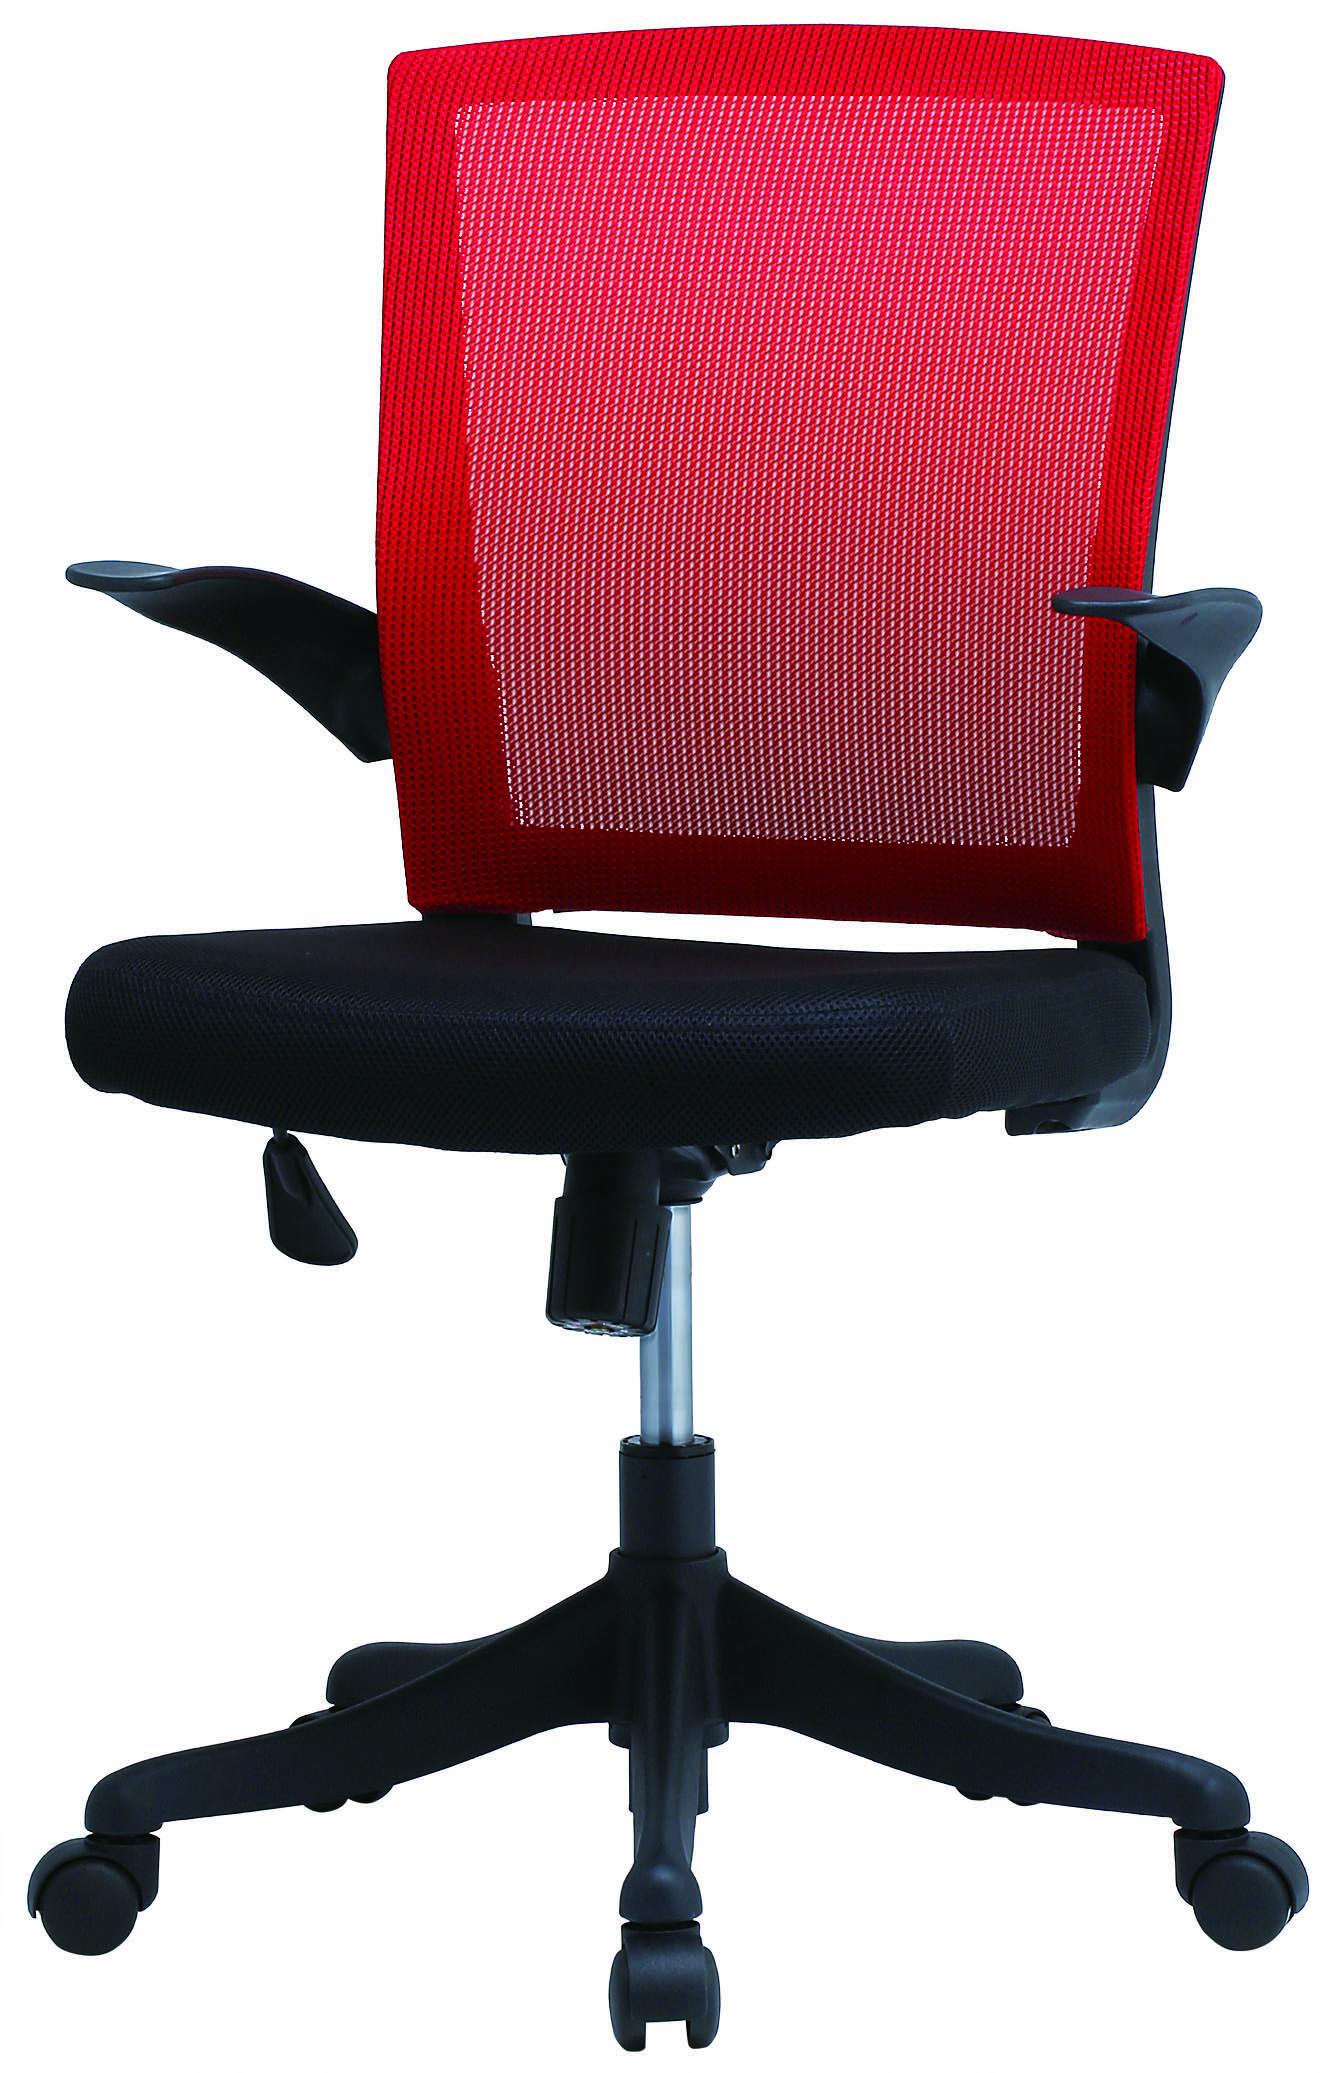 【法人様限定】【直送便】井上金庫販売回転椅子FEM-14ARDレッド